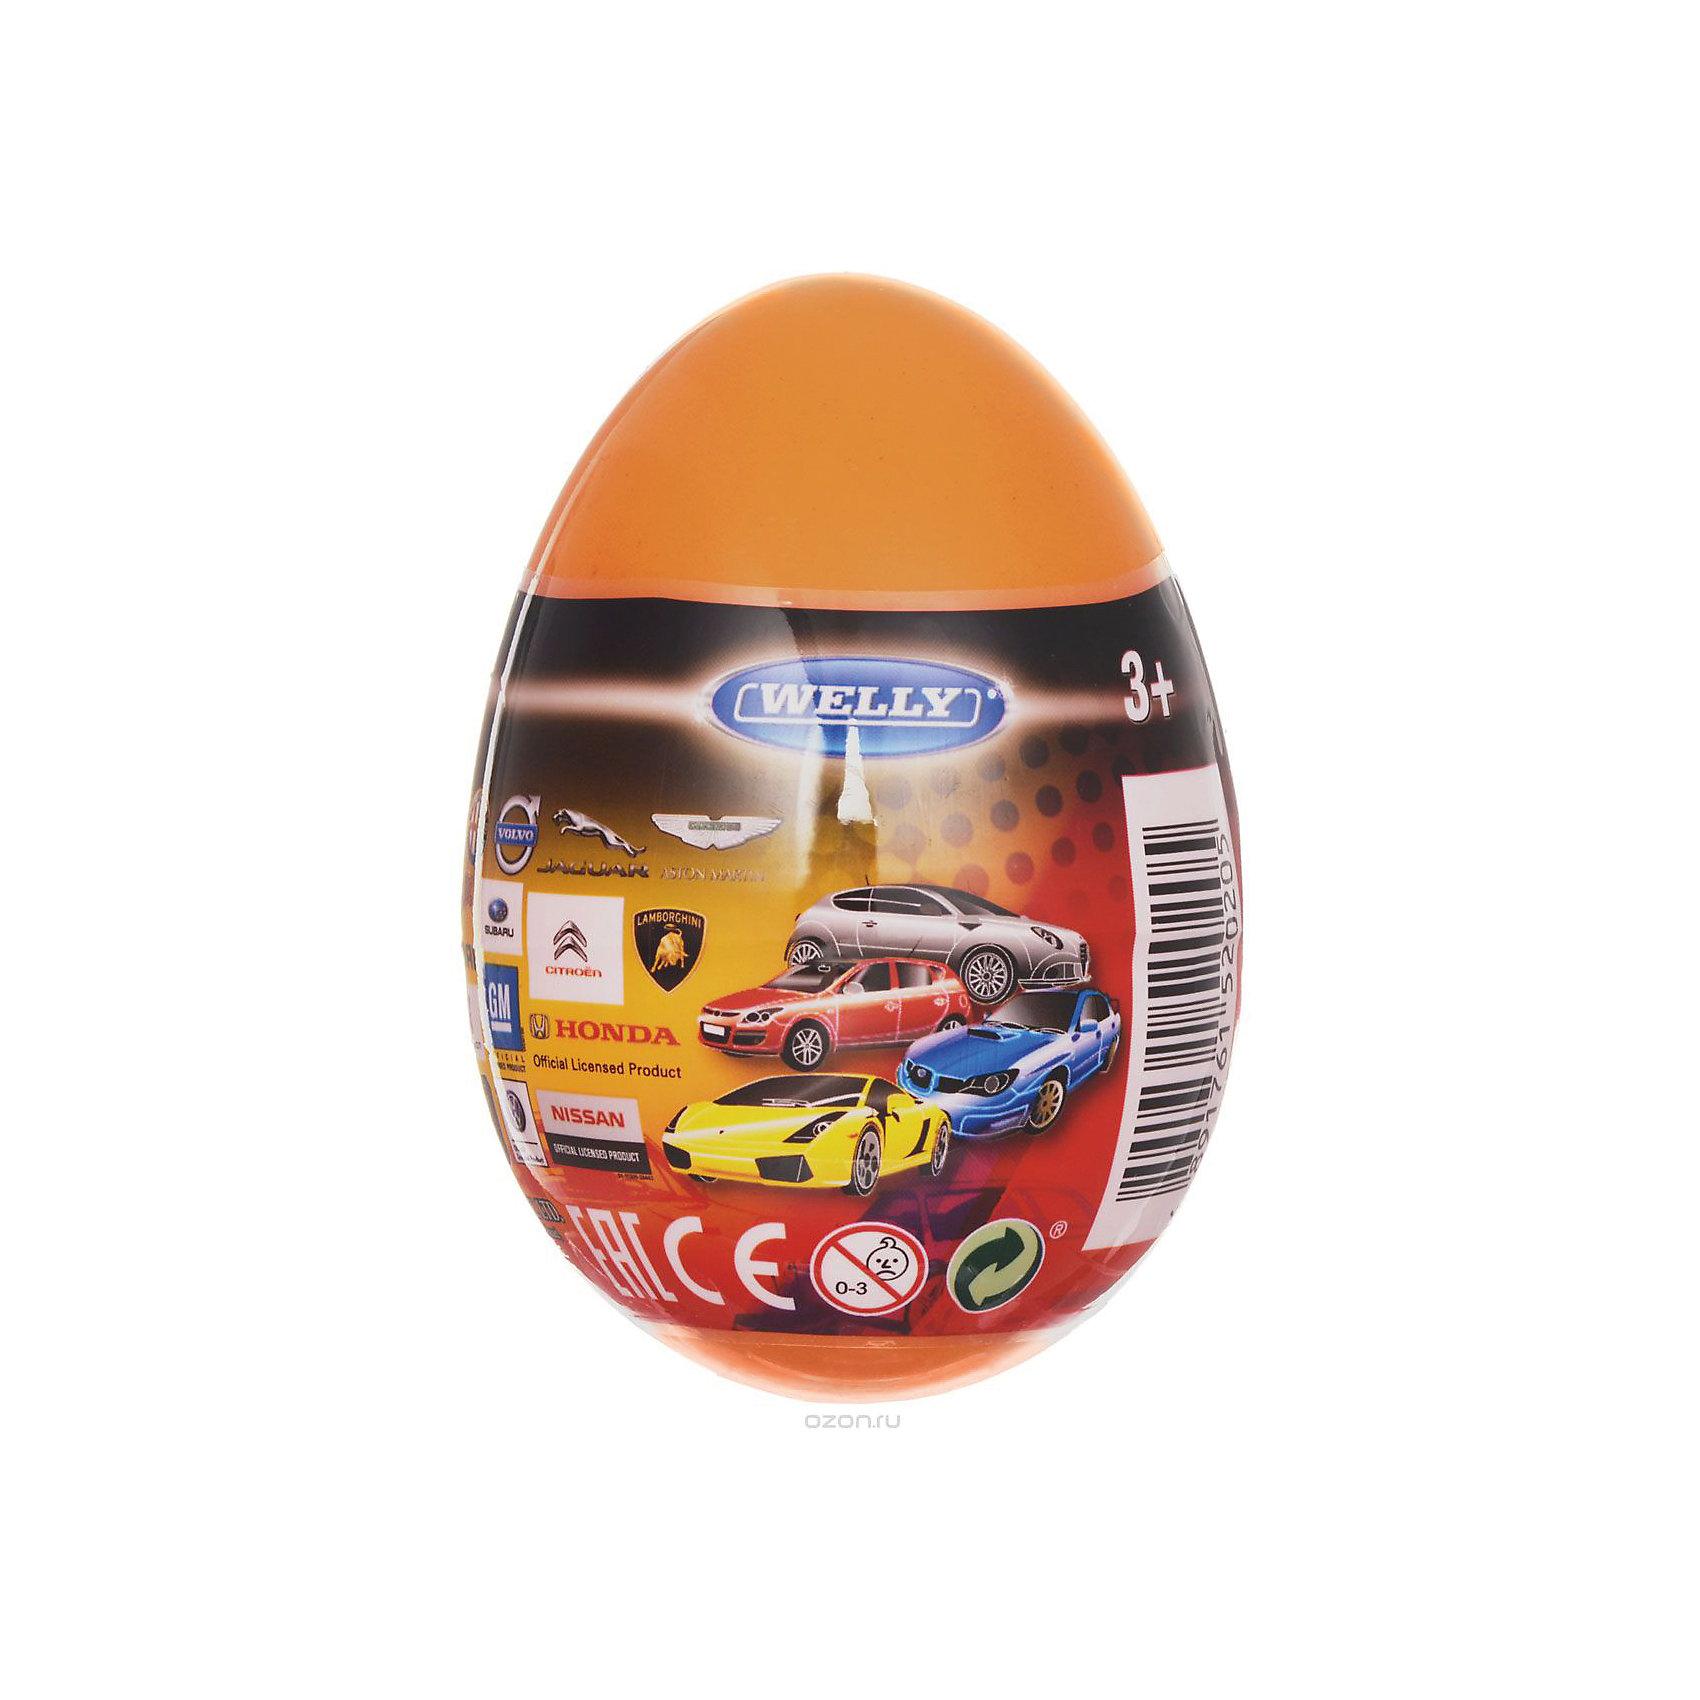 Модель машины 1:60 Яйцо-сюрприз, оранжевая, WellyМашинки<br>Характеристики товара:<br><br>- цвет: разноцветный;<br>- материал: пластик, металл;<br>- размер упаковки: 6х9х6 см;<br>- вес: 50 г;<br>- длина машинки: 8 см.. <br><br>Машинки от бренда Welly в закрытом яйце - отличный сюрприз для мальчика! Каждая машинка - копия настоящей, игрушка очень качественно выполнена, отлично детализирована, поэтому она станет желанным подарком для ребенка. Такое изделие отлично тренирует у ребенка разные навыки: играя с ней, малыш развивает мелкую моторику, цветовосприятие, внимание, воображение и творческое мышление.<br>Продается машинка в закрытом яйце - узнать, какая именно внутри, нельзя. Из этих фигурок можно собрать целую коллекцию! Изделие произведено из высококачественного материала, безопасного для детей.<br><br>Модель машины 1:60 Яйцо-сюрприз, оранжевую, от бренда Welly можно купить в нашем интернет-магазине.<br><br>Ширина мм: 60<br>Глубина мм: 90<br>Высота мм: 60<br>Вес г: 82<br>Возраст от месяцев: 36<br>Возраст до месяцев: 2147483647<br>Пол: Мужской<br>Возраст: Детский<br>SKU: 5109445